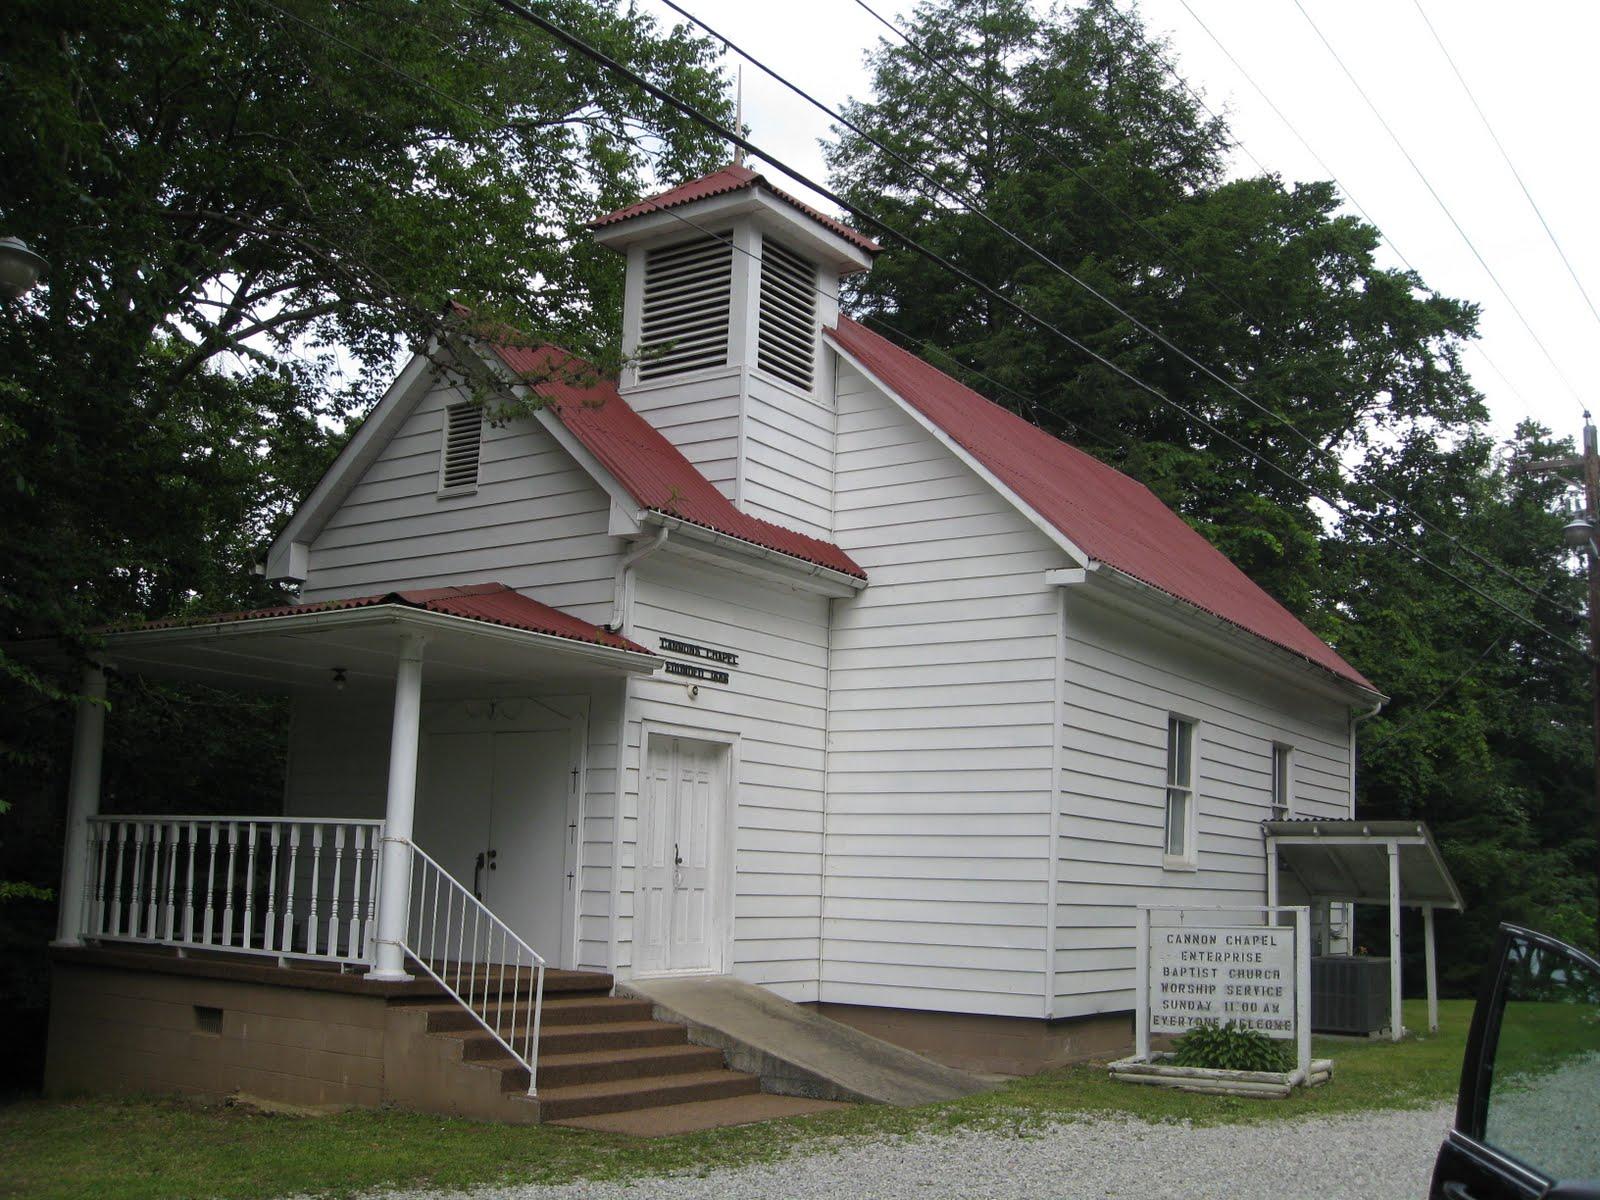 http://1.bp.blogspot.com/_VzR3ueVWGdg/TCK8fpH6DzI/AAAAAAAAArE/CAm1l1NuNZo/s1600/Lily+Kentucky+Reunion+2010+102.JPG